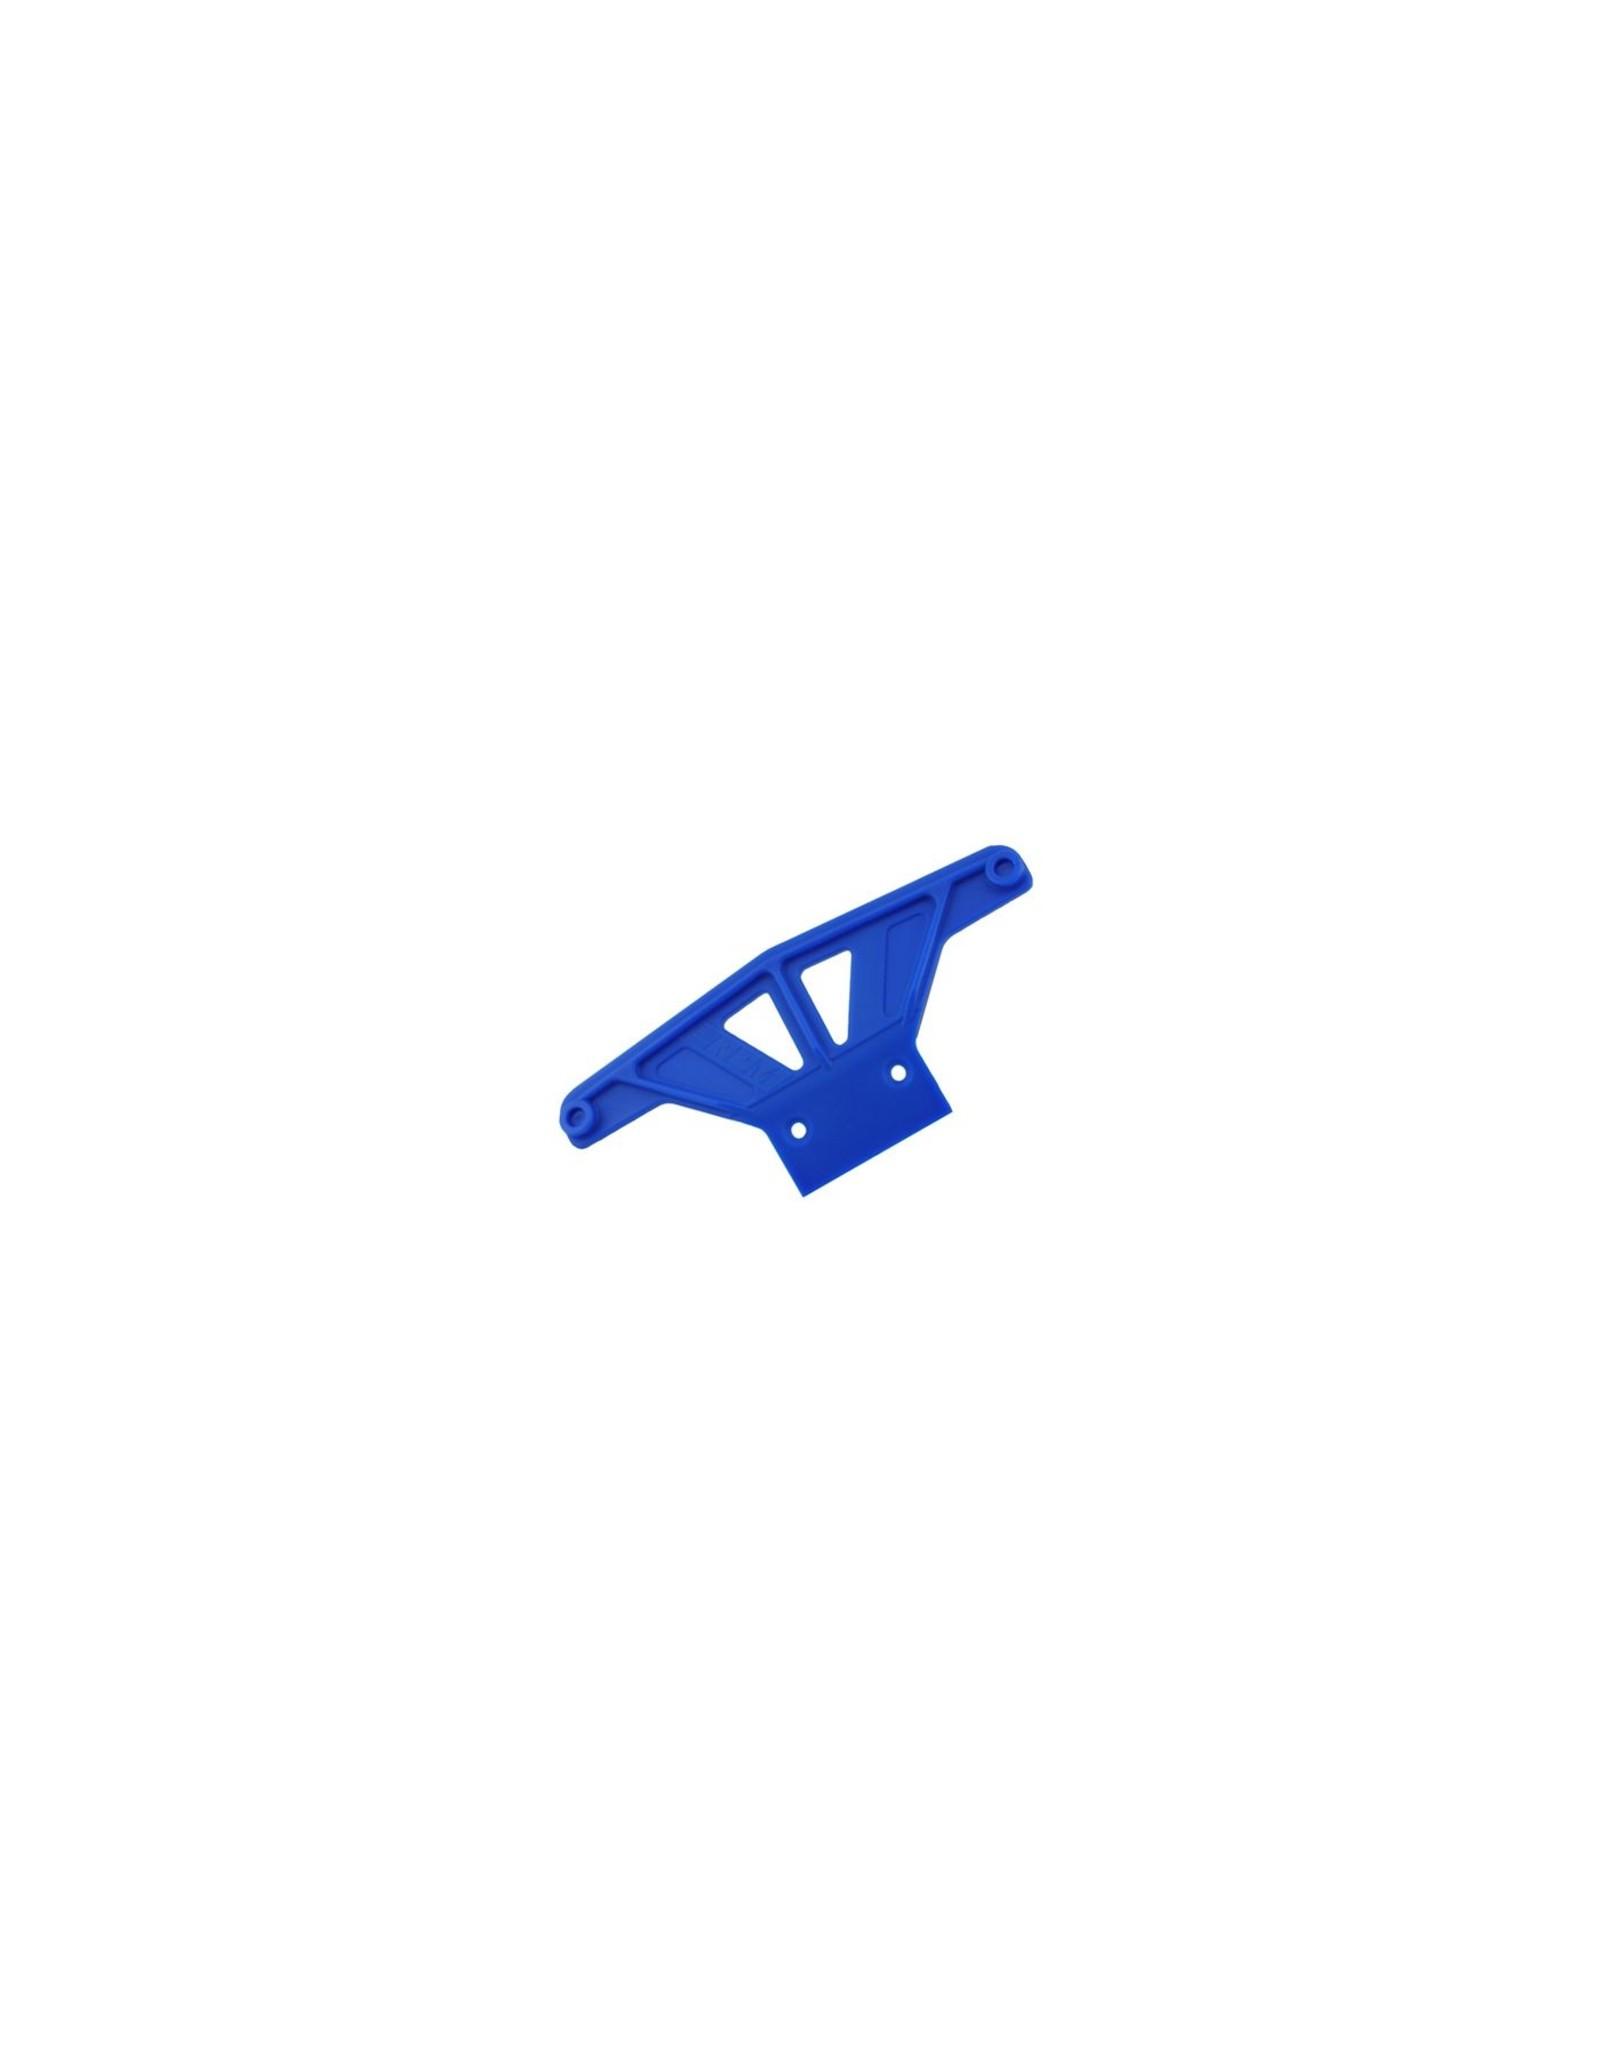 RPM RPM Front Wide Bumper Blue - Rustler/Stampede  (RPM81165)